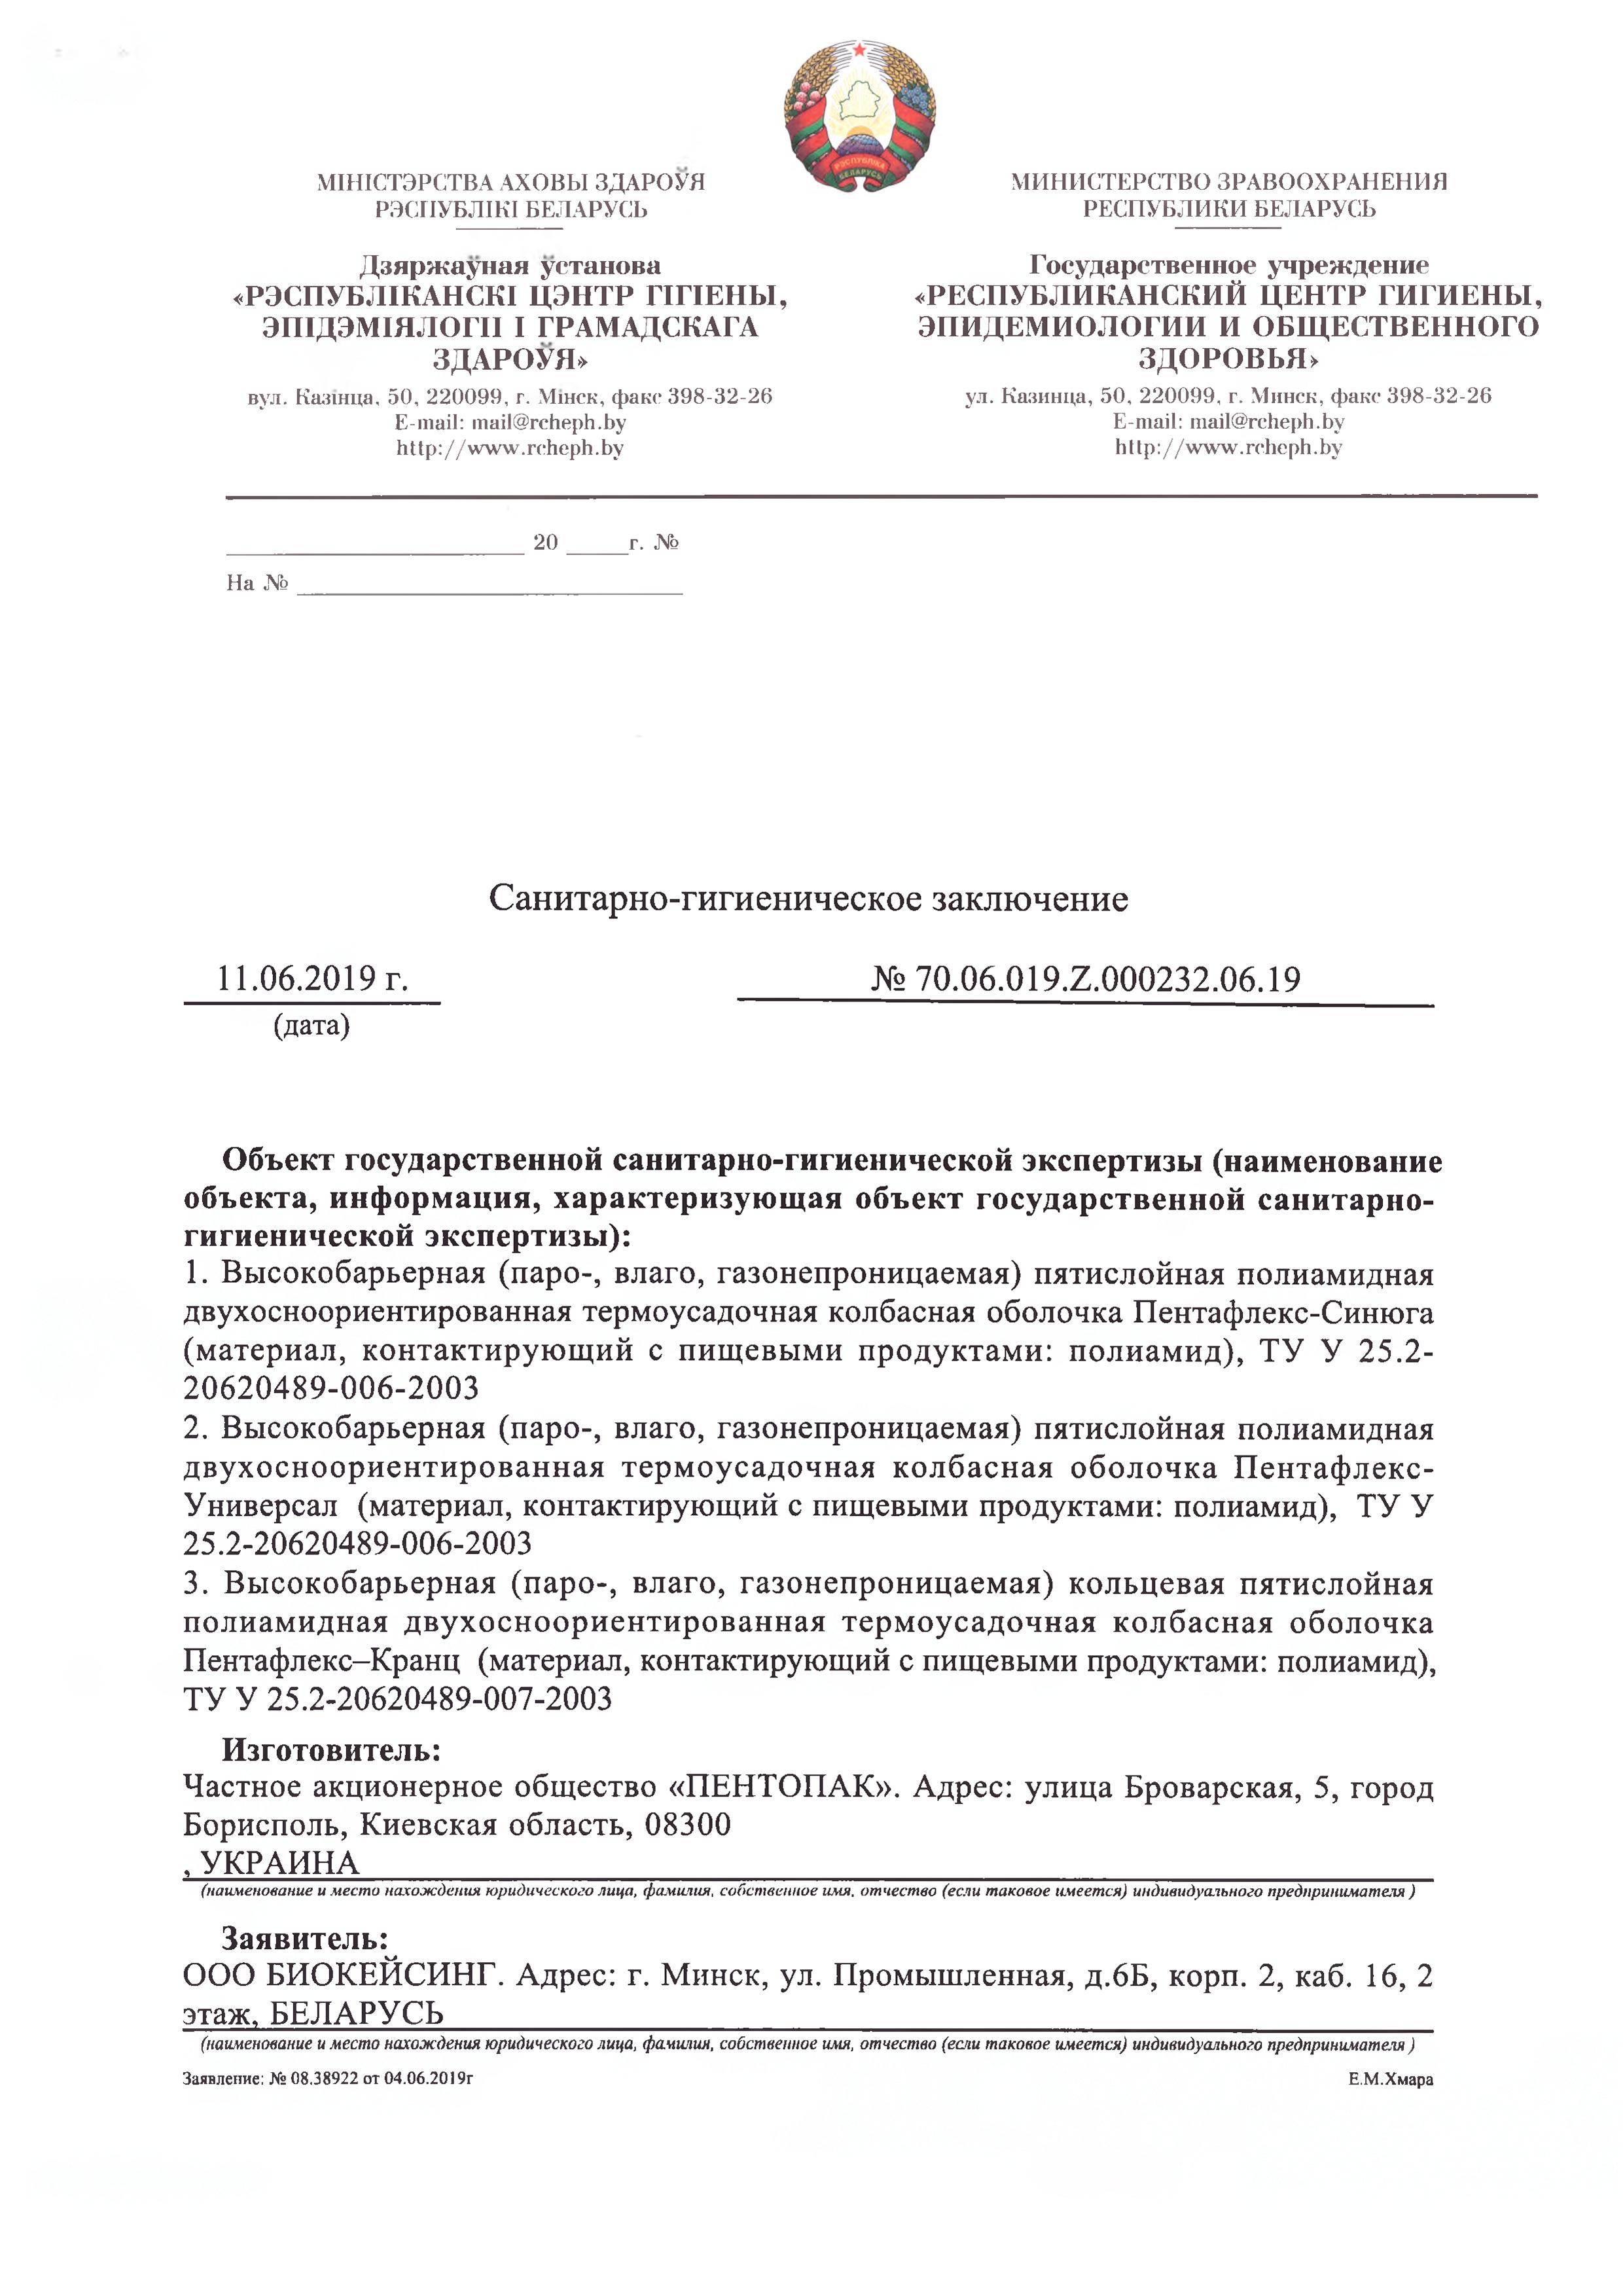 СГЗ оболочка KALLE